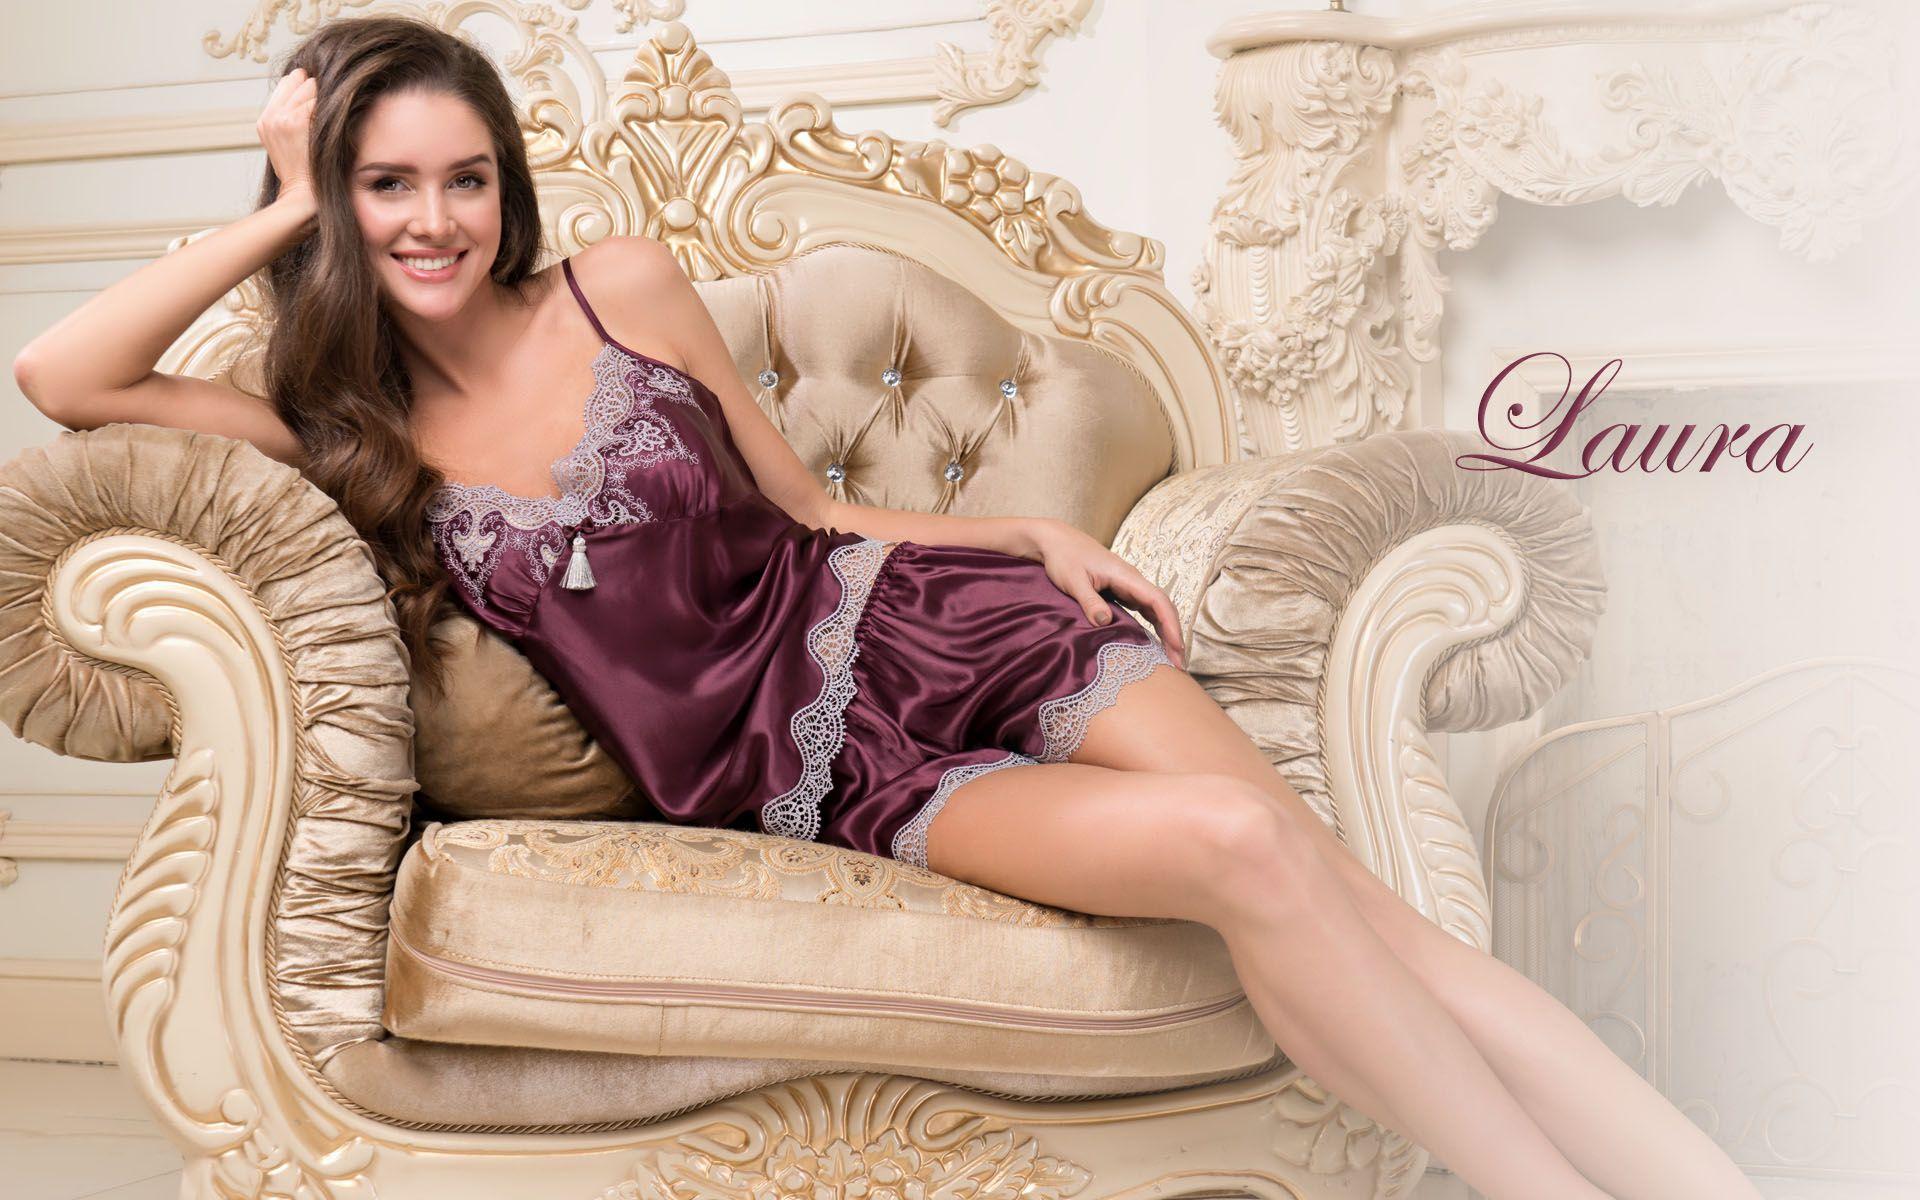 Женское белье mia amore массажеры купить минск